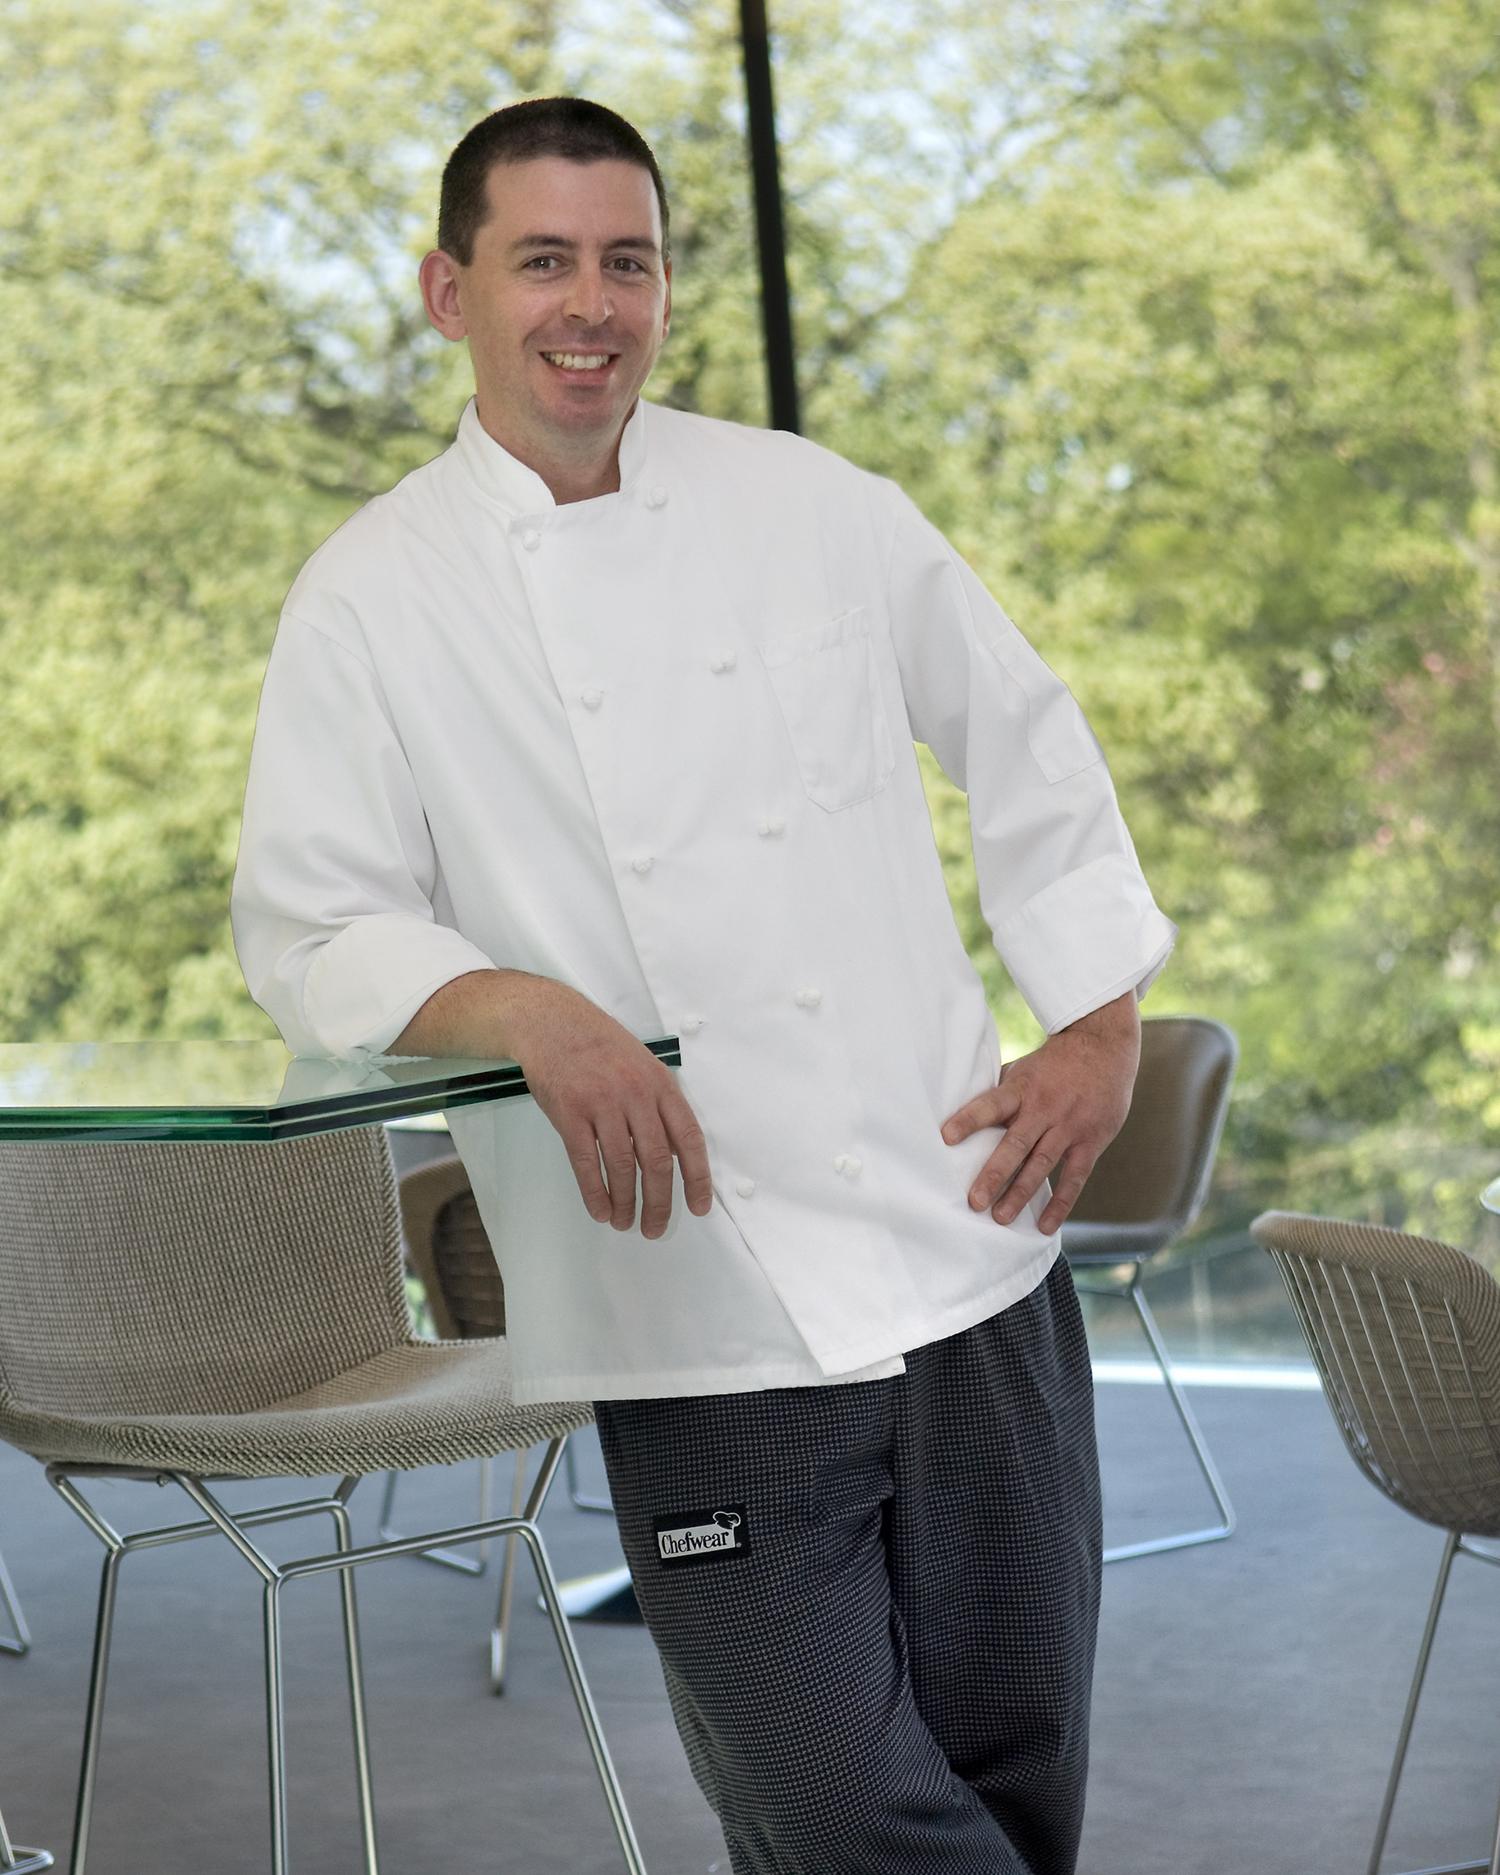 Chef Greg Haley